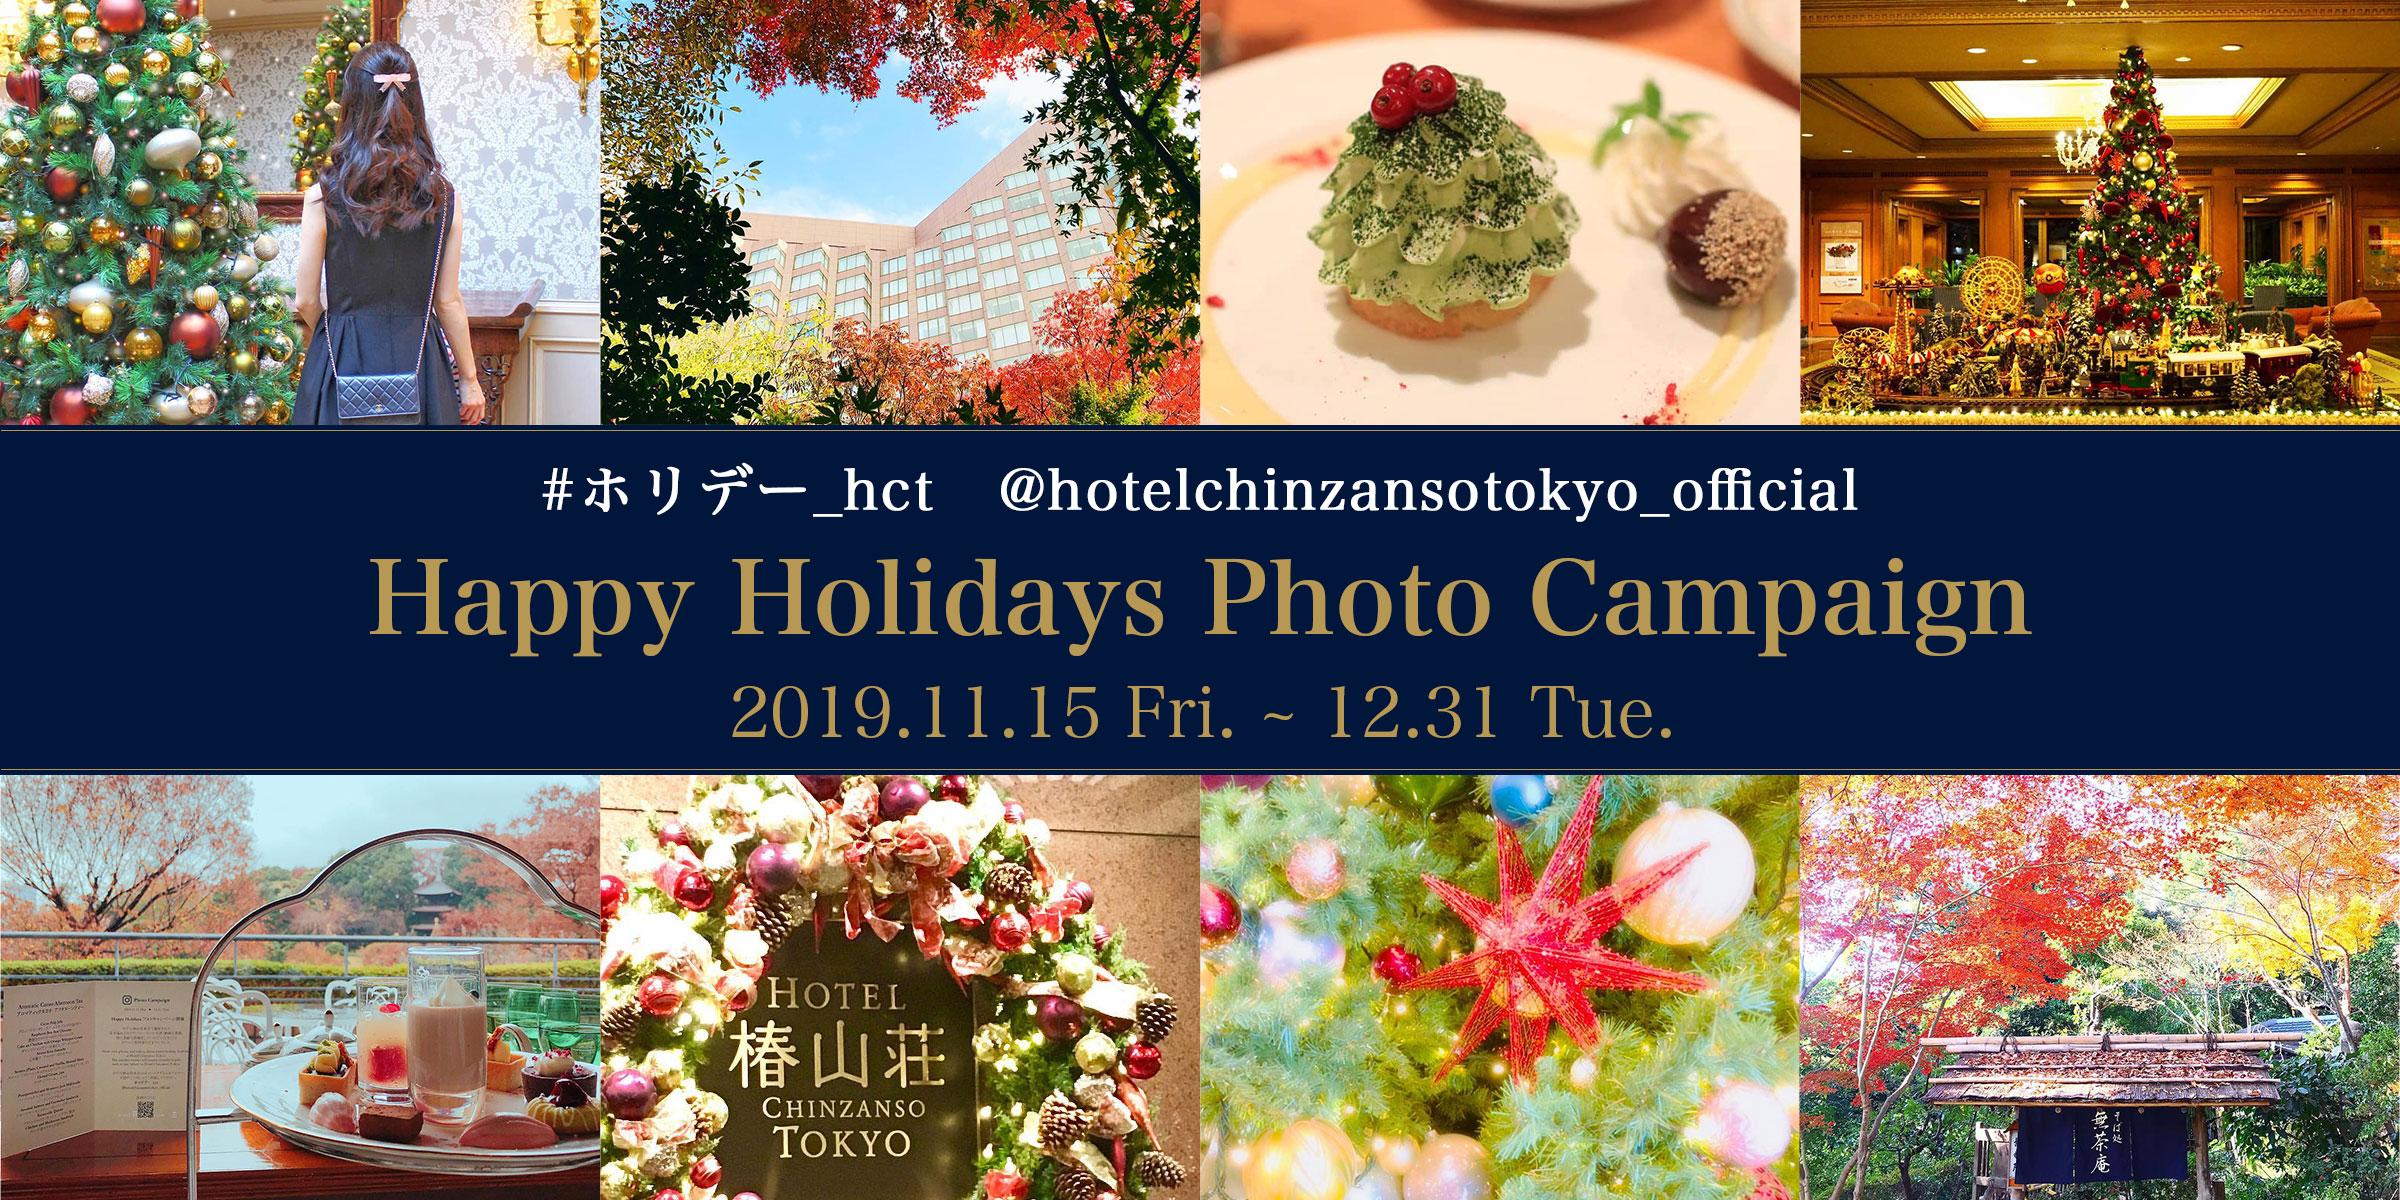 #ホリデー_hct @hotelchinzansotokyo_official